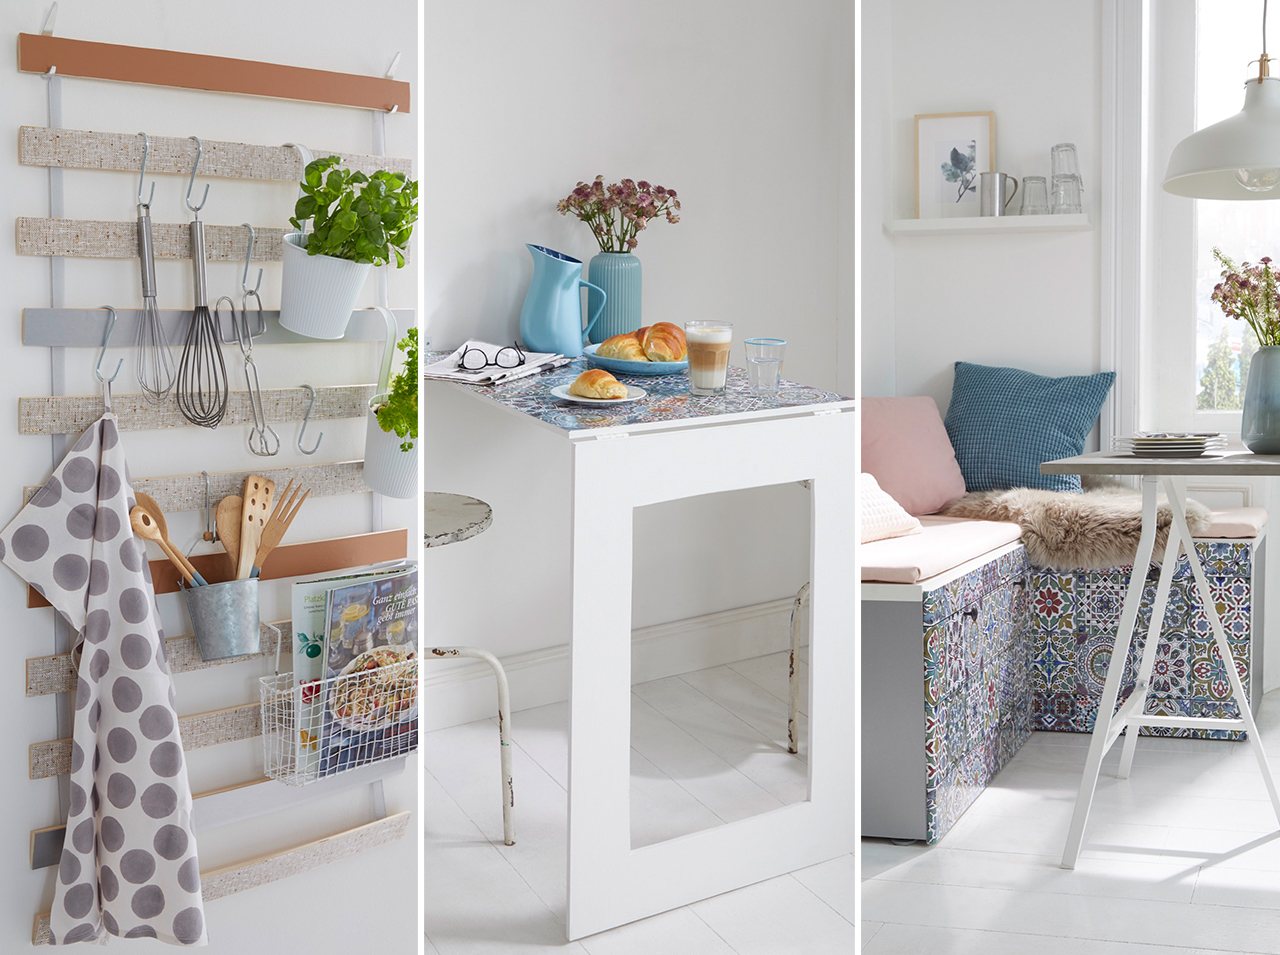 dcfix Möbel Klebefolie Dekofolie DIY Deko Küche